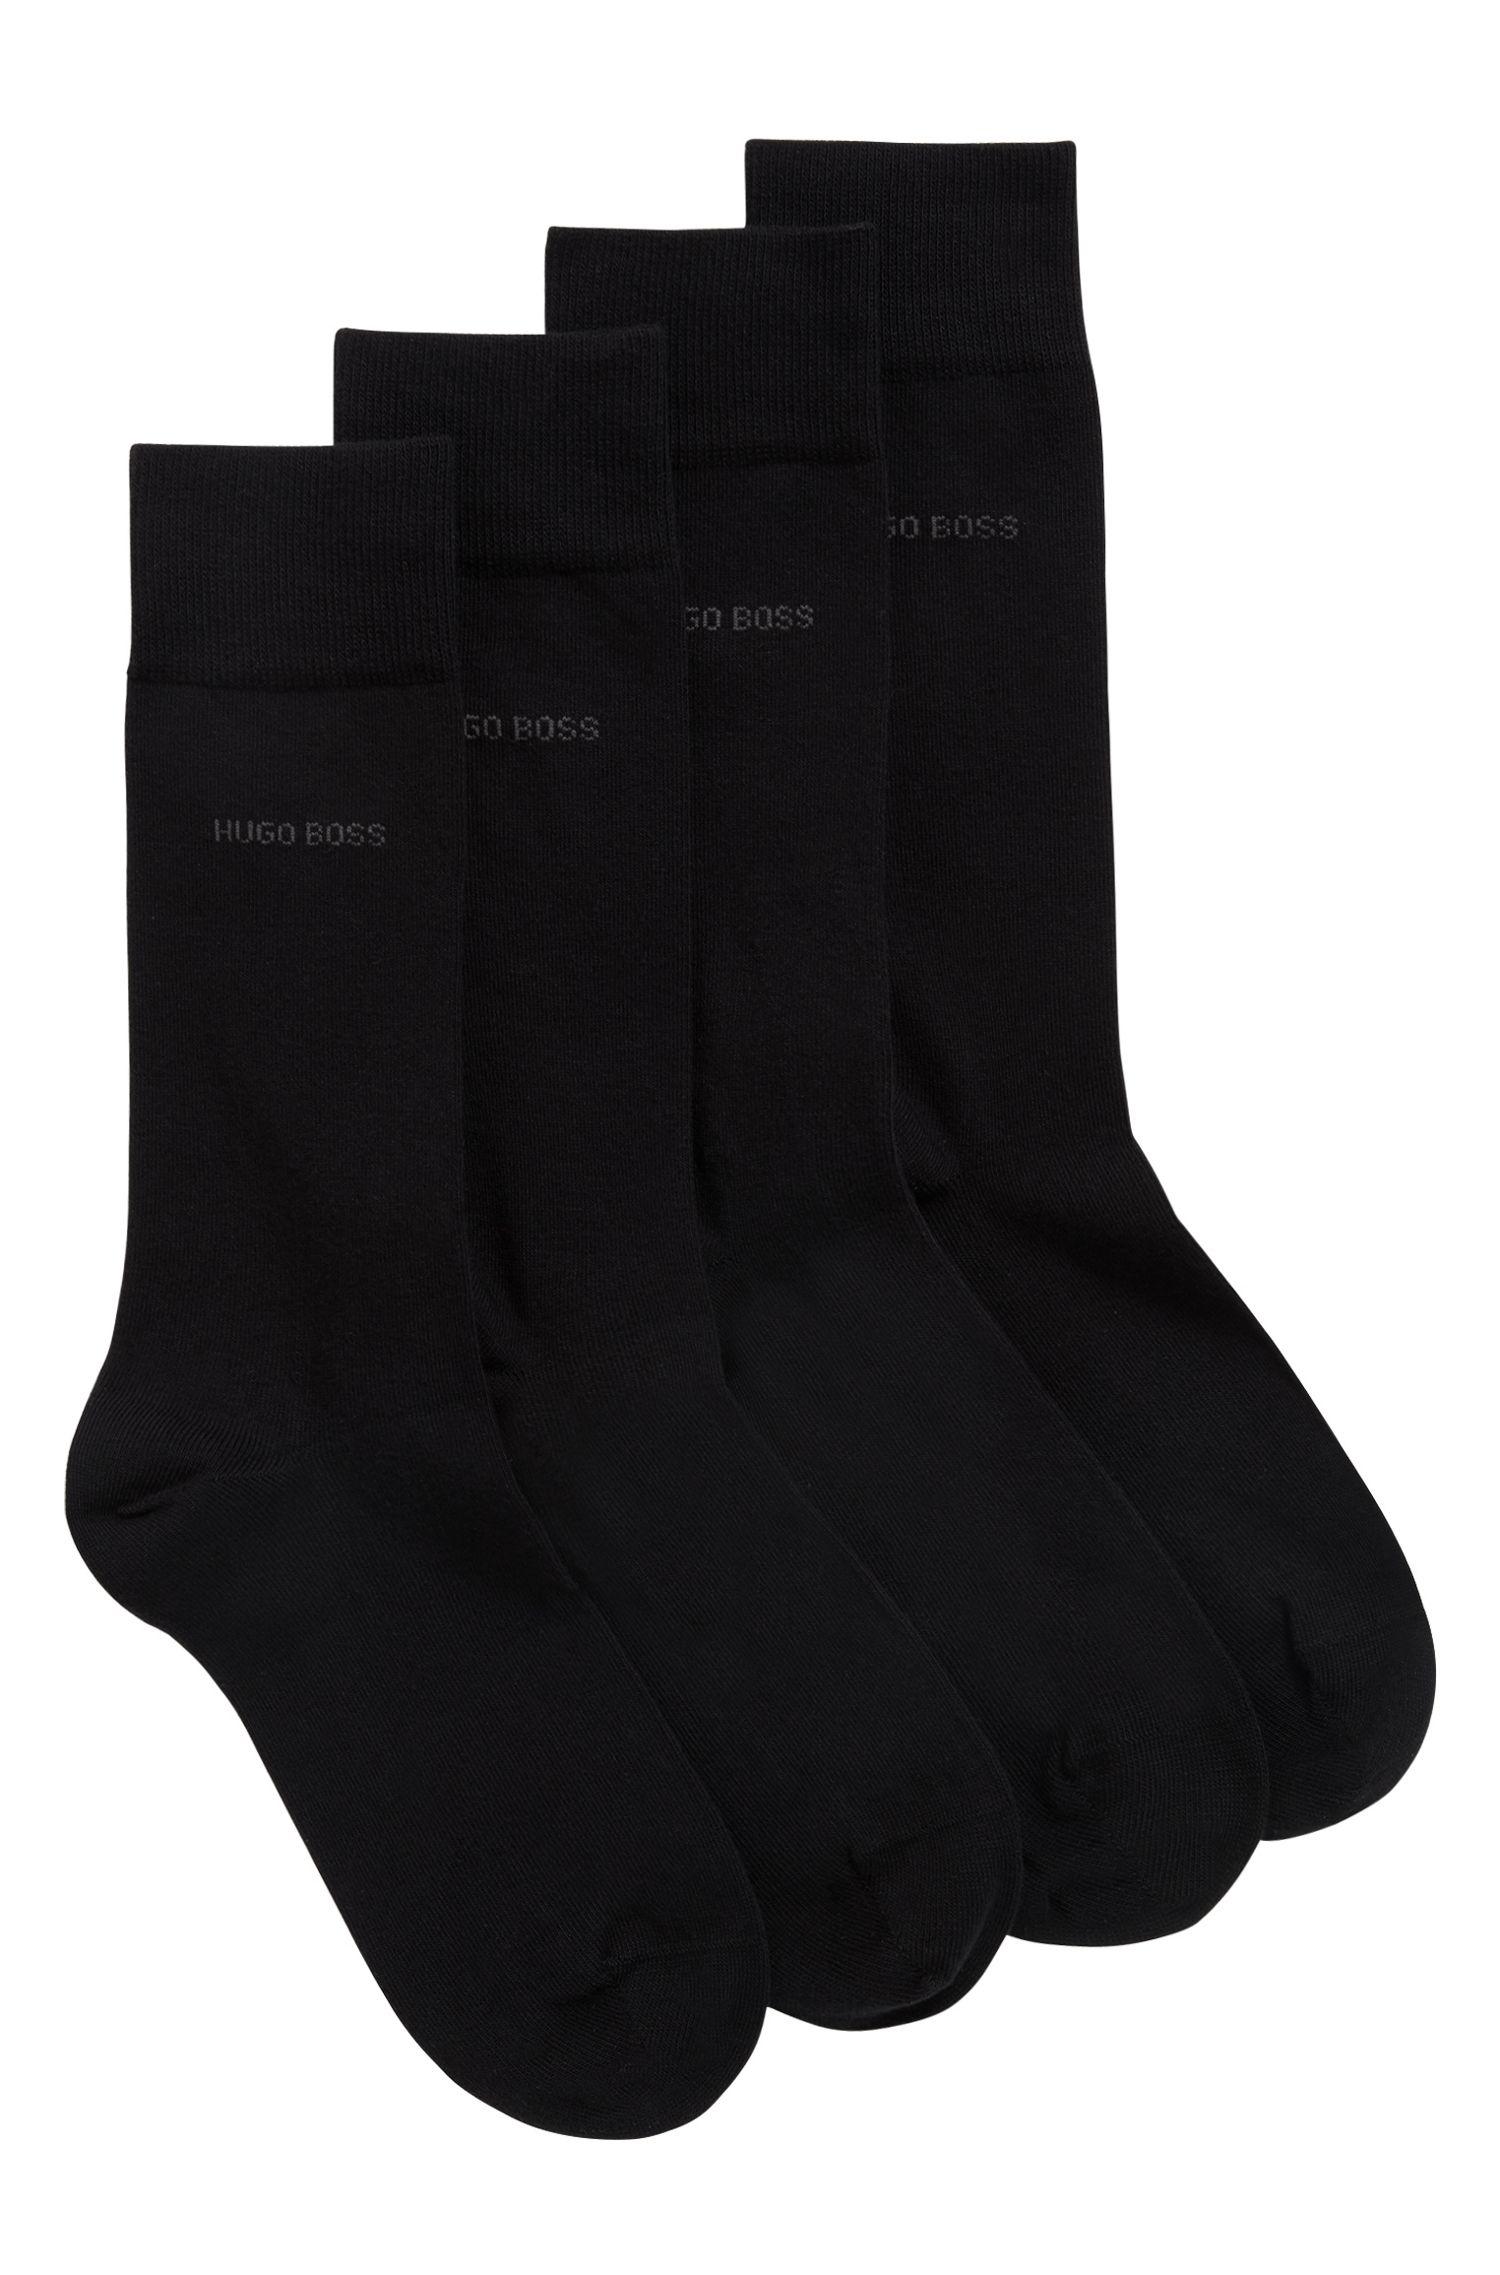 Mittelhohe Socken aus Baumwoll-Mix im Zweier-Pack, Schwarz